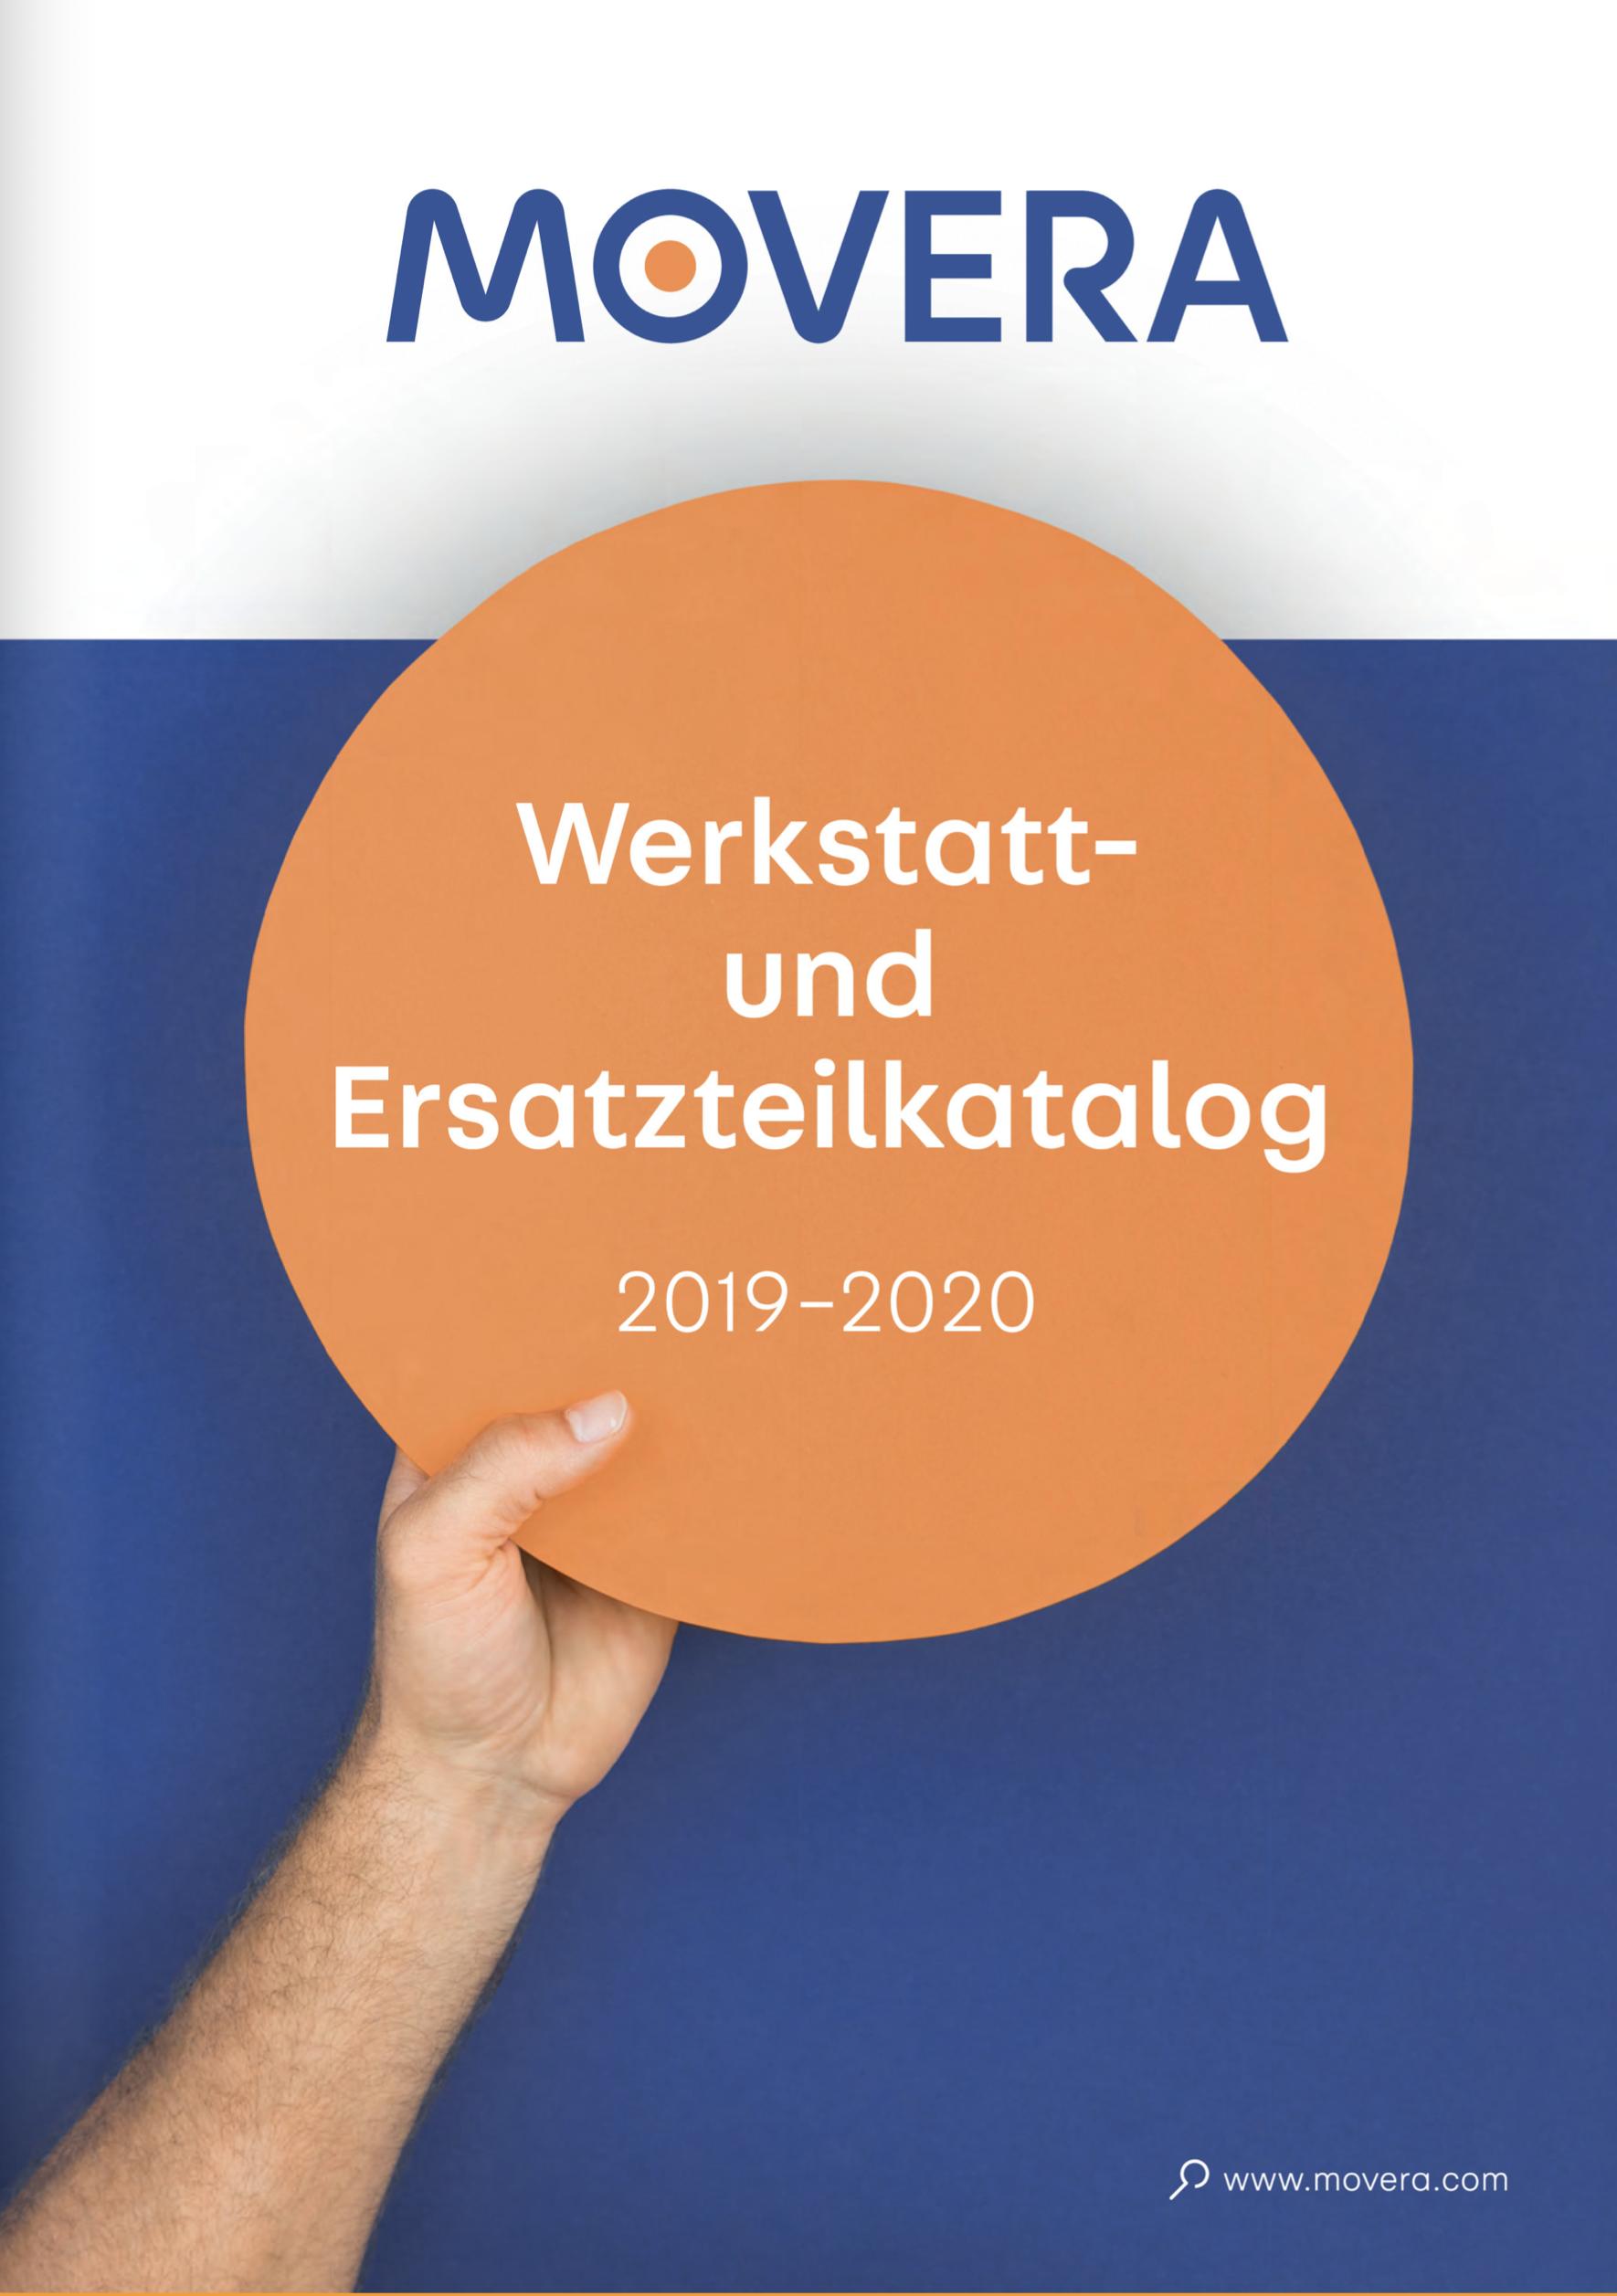 Werkstatt & Ersatzteil Katalog